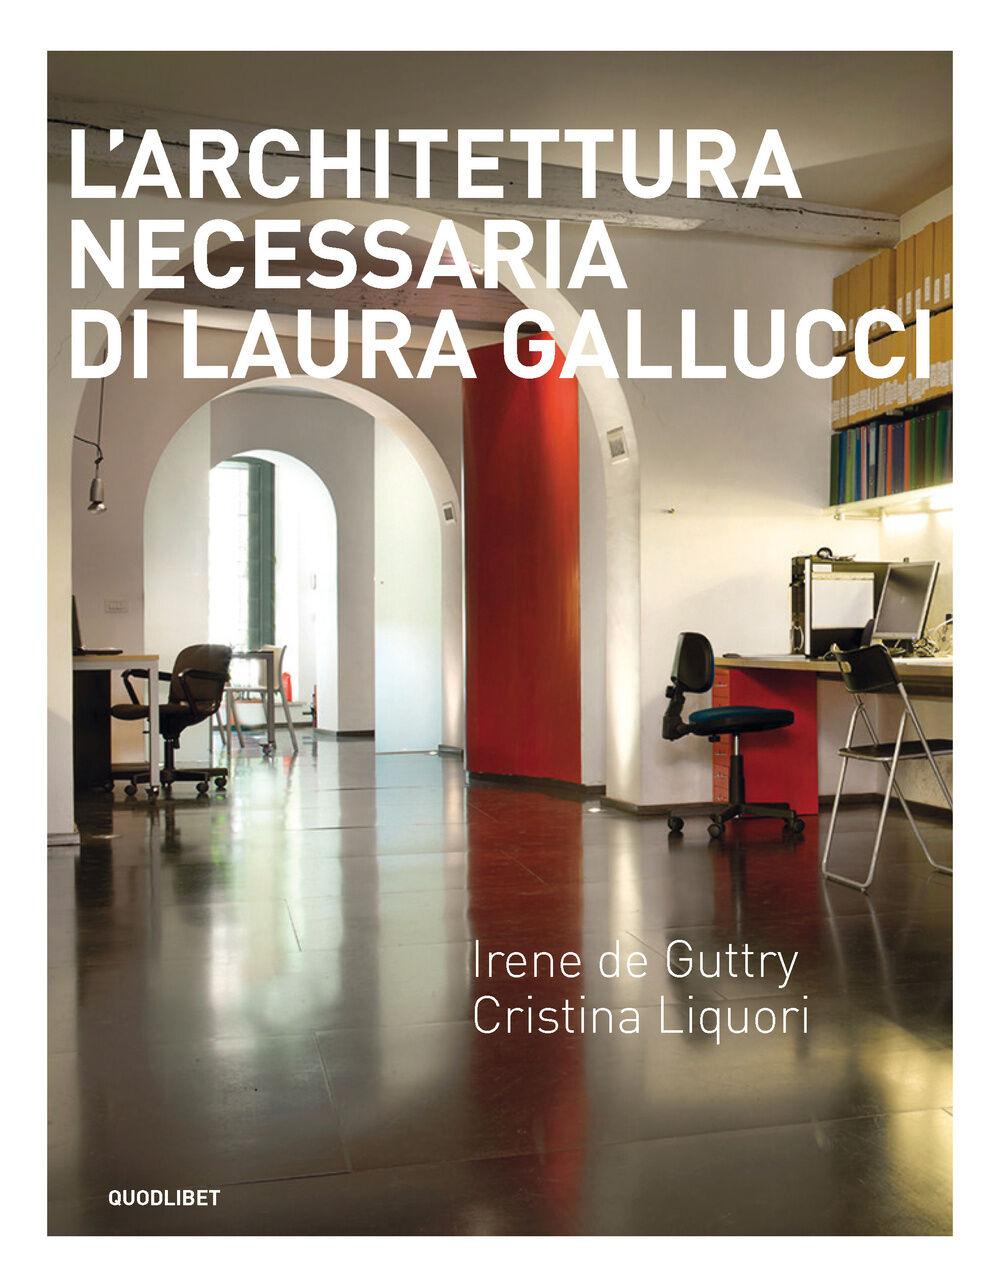 L' architettura necessaria di Laura Gallucci